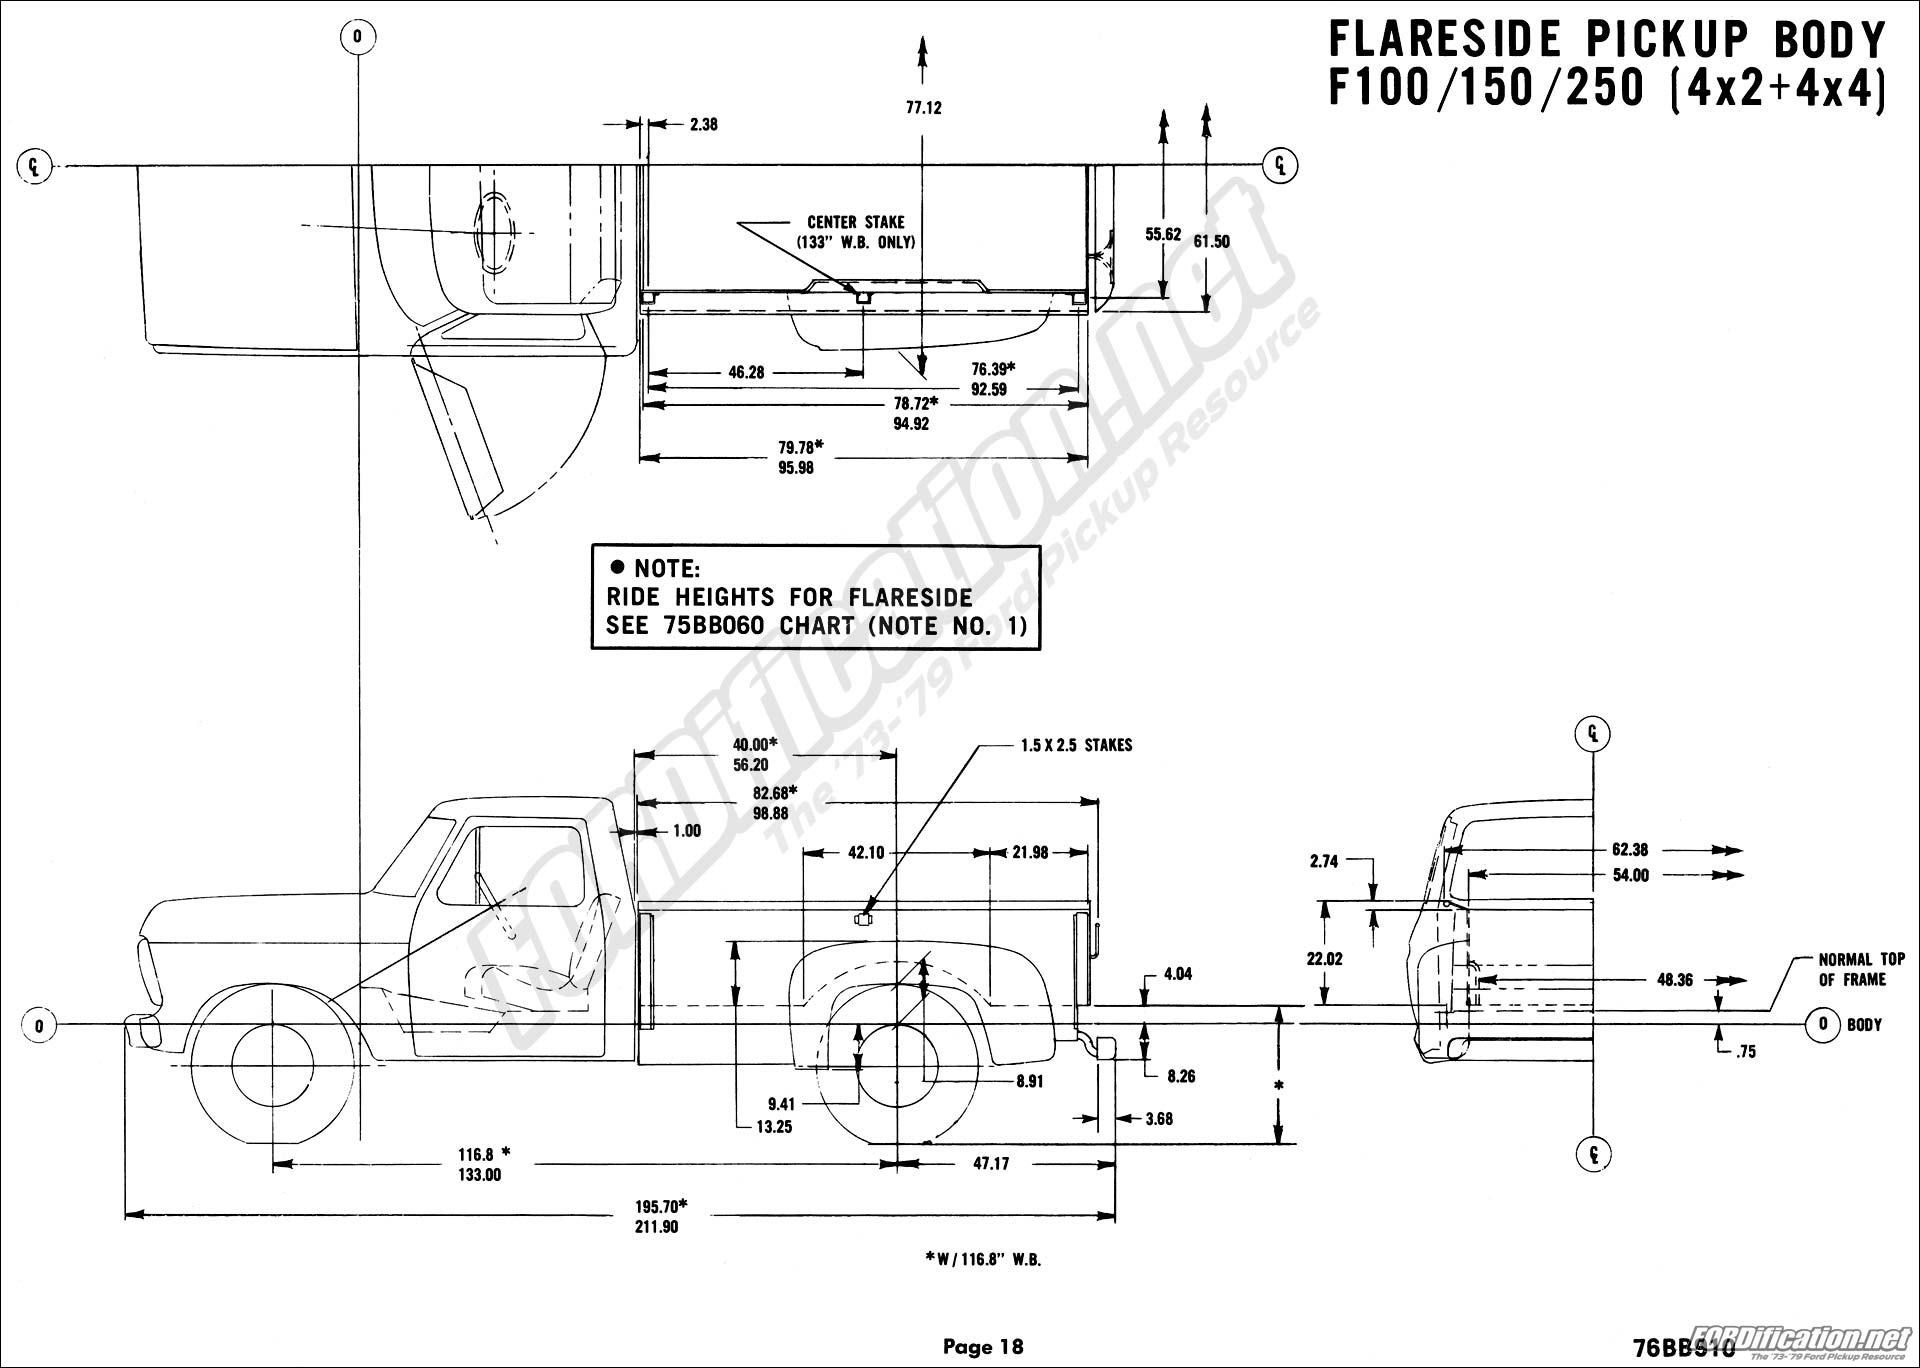 F350 Diagram - Wiring Diagram Progresif on 1970 ford ranchero wiring diagram, 1970 ford pickup wiring diagram, 1970 ford f100 wiring diagram, 1970 ford bronco wiring diagram,